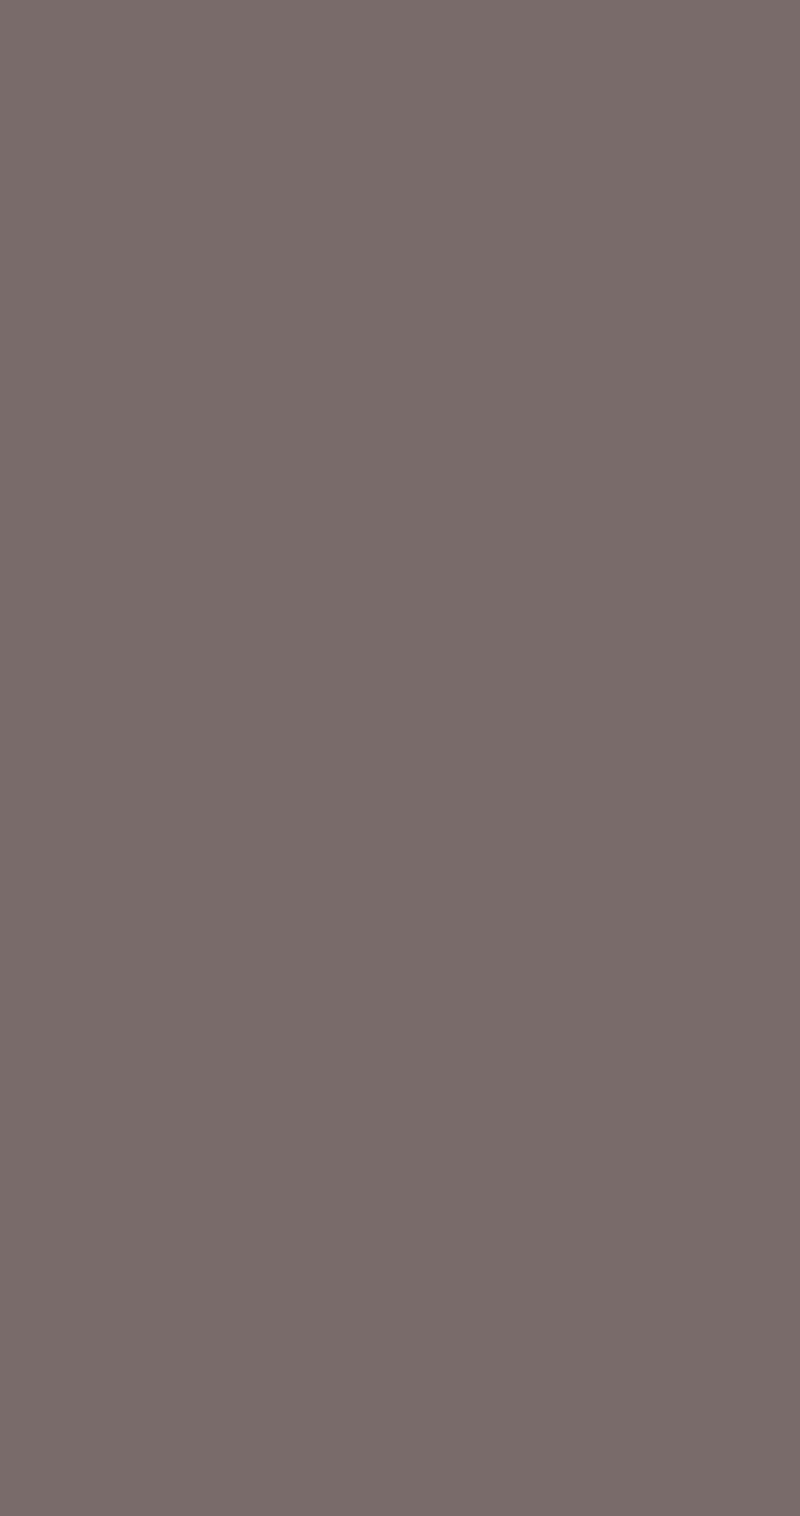 [間取り図]1LDK+WIC